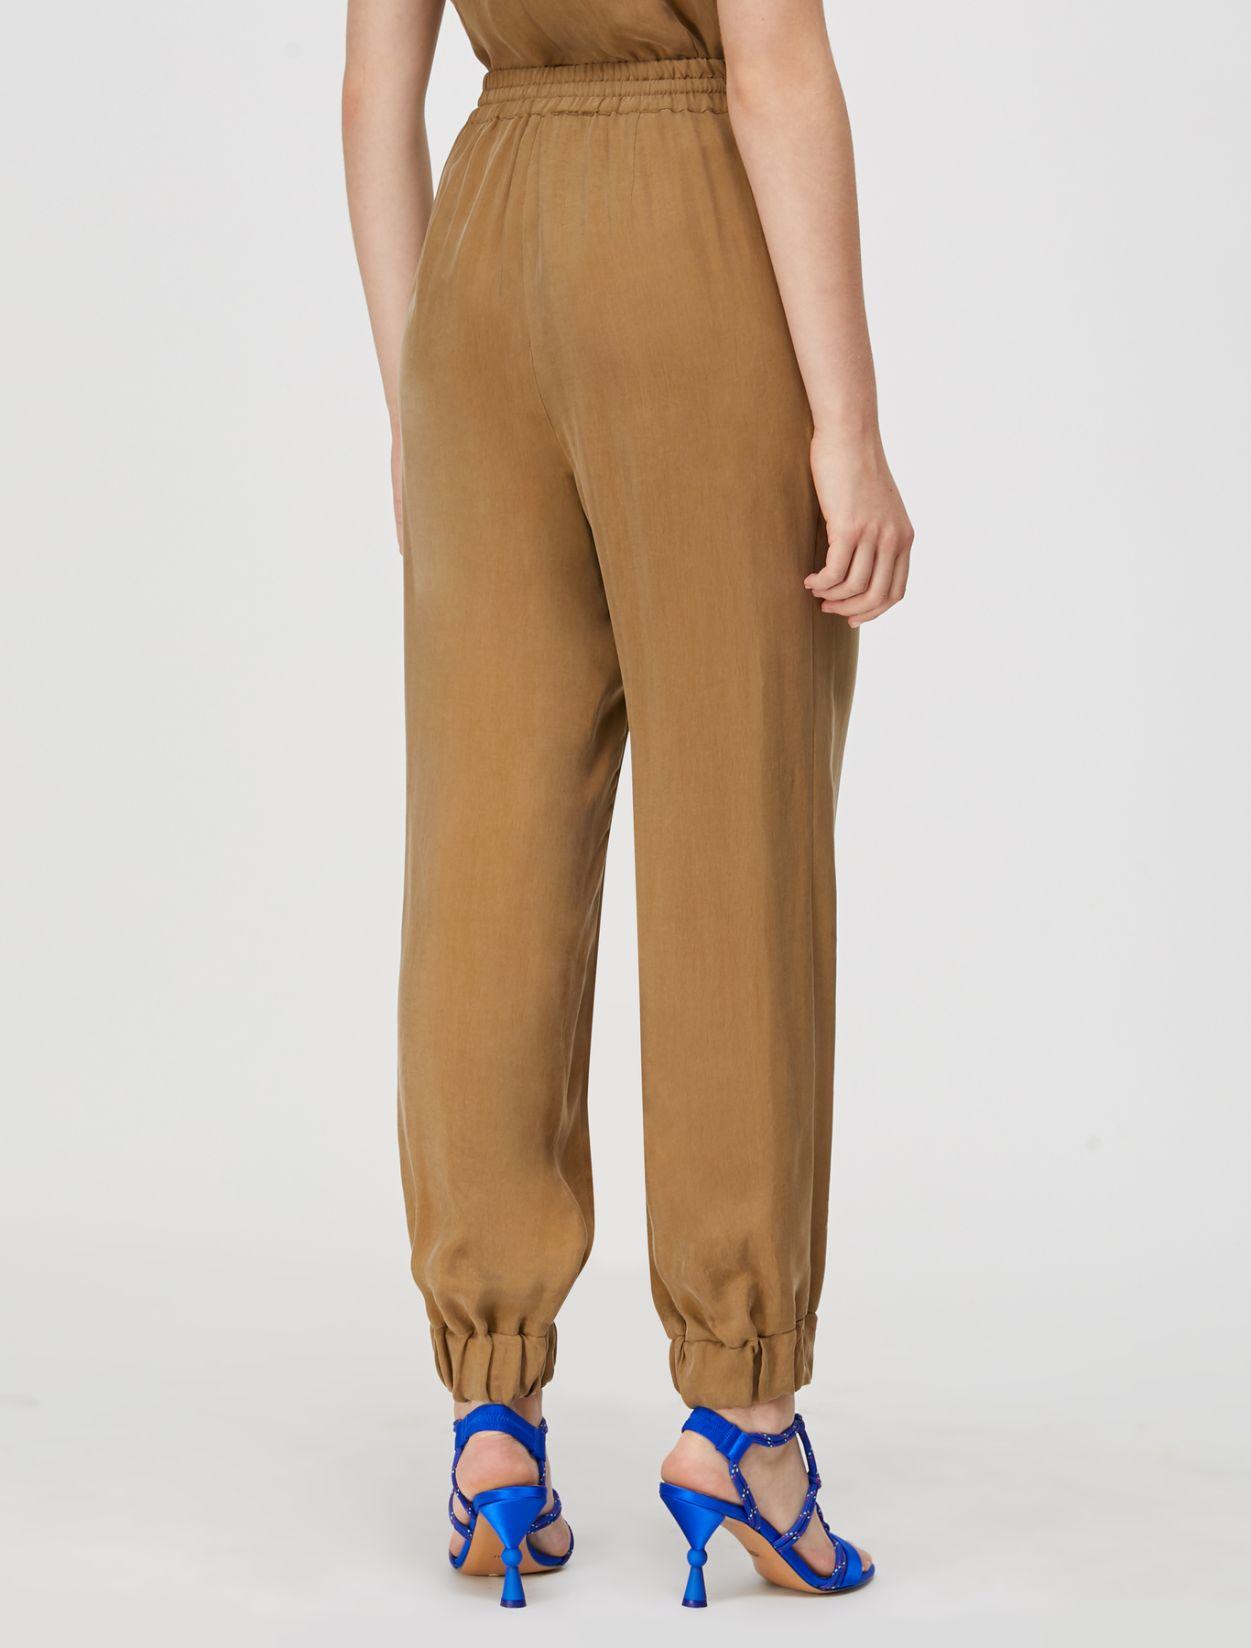 DITTA Long trouser brown 2